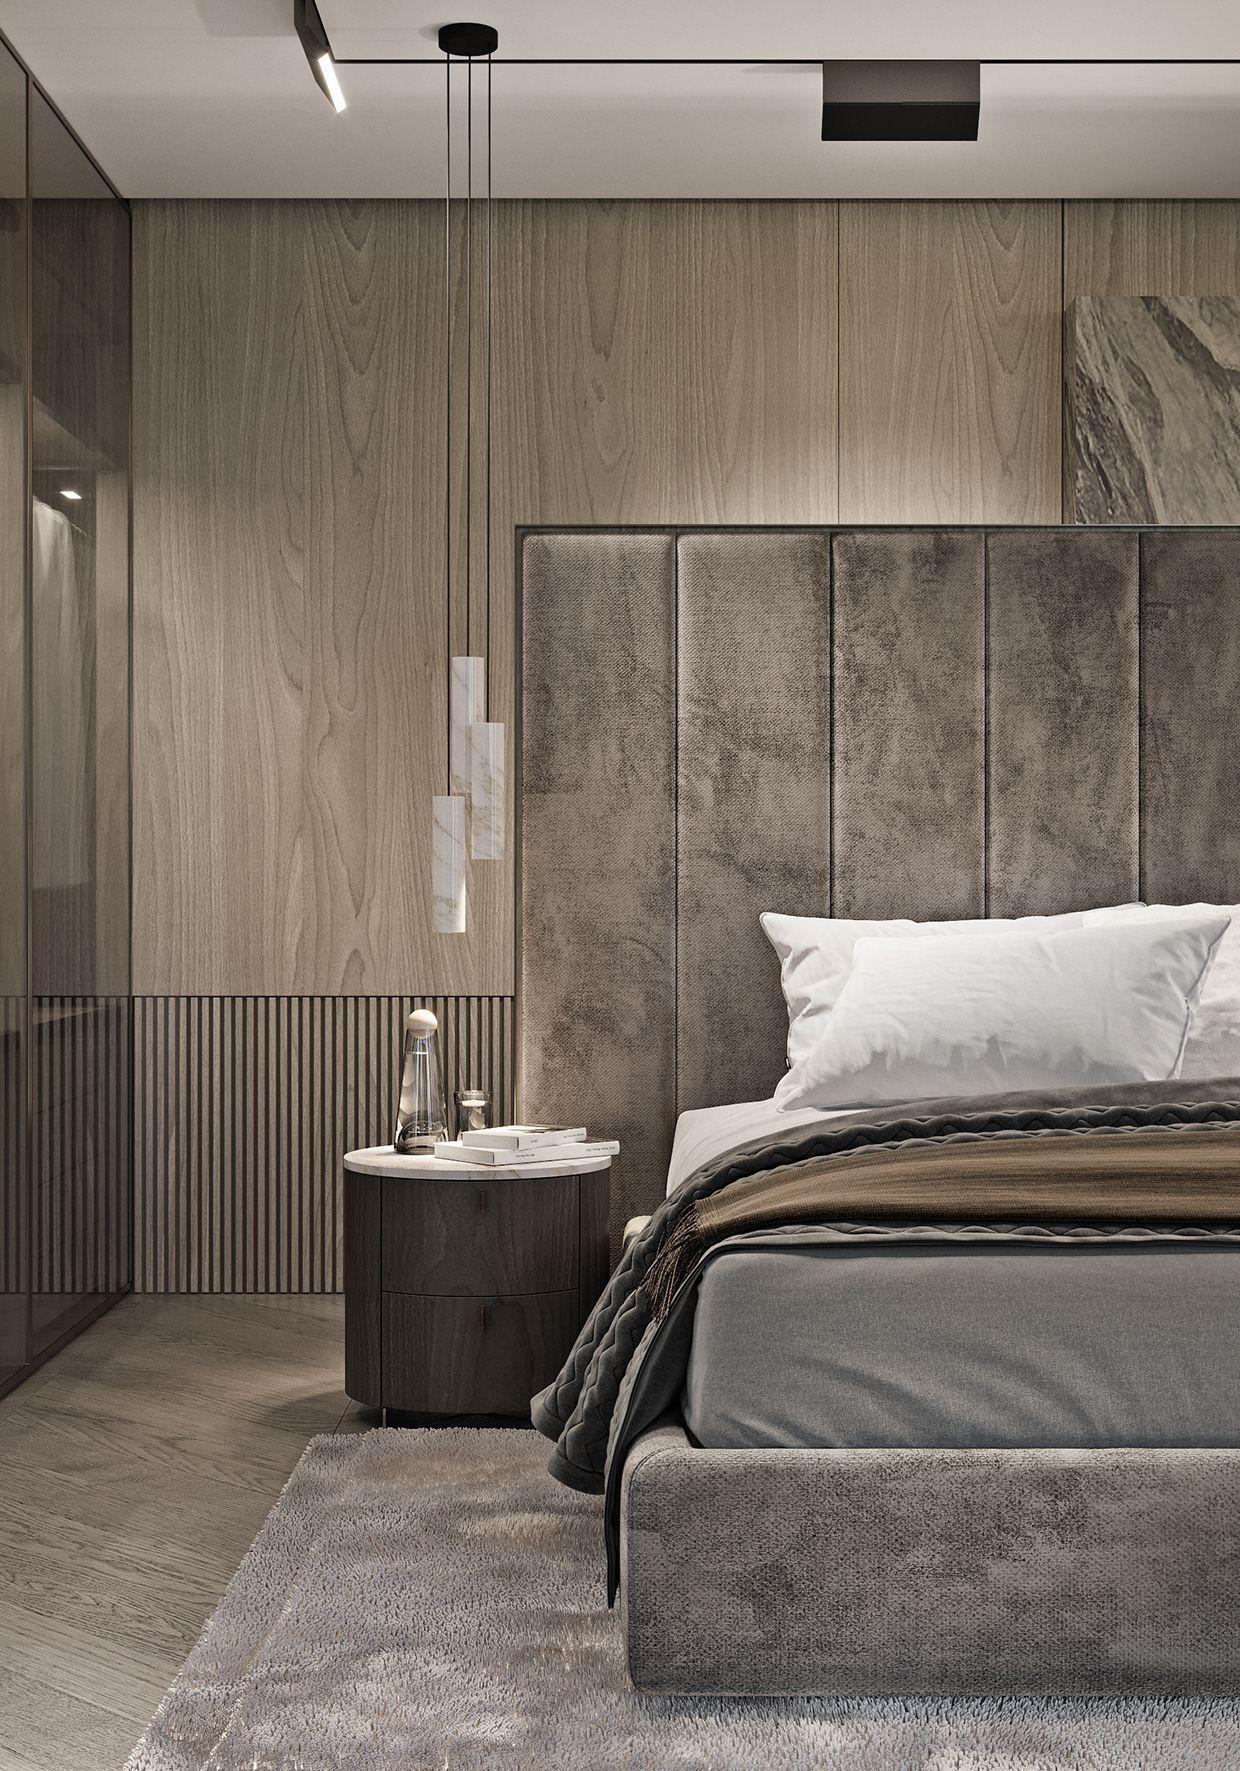 Luxurious Bedrooms Bedroom Interior Hotel Room Design